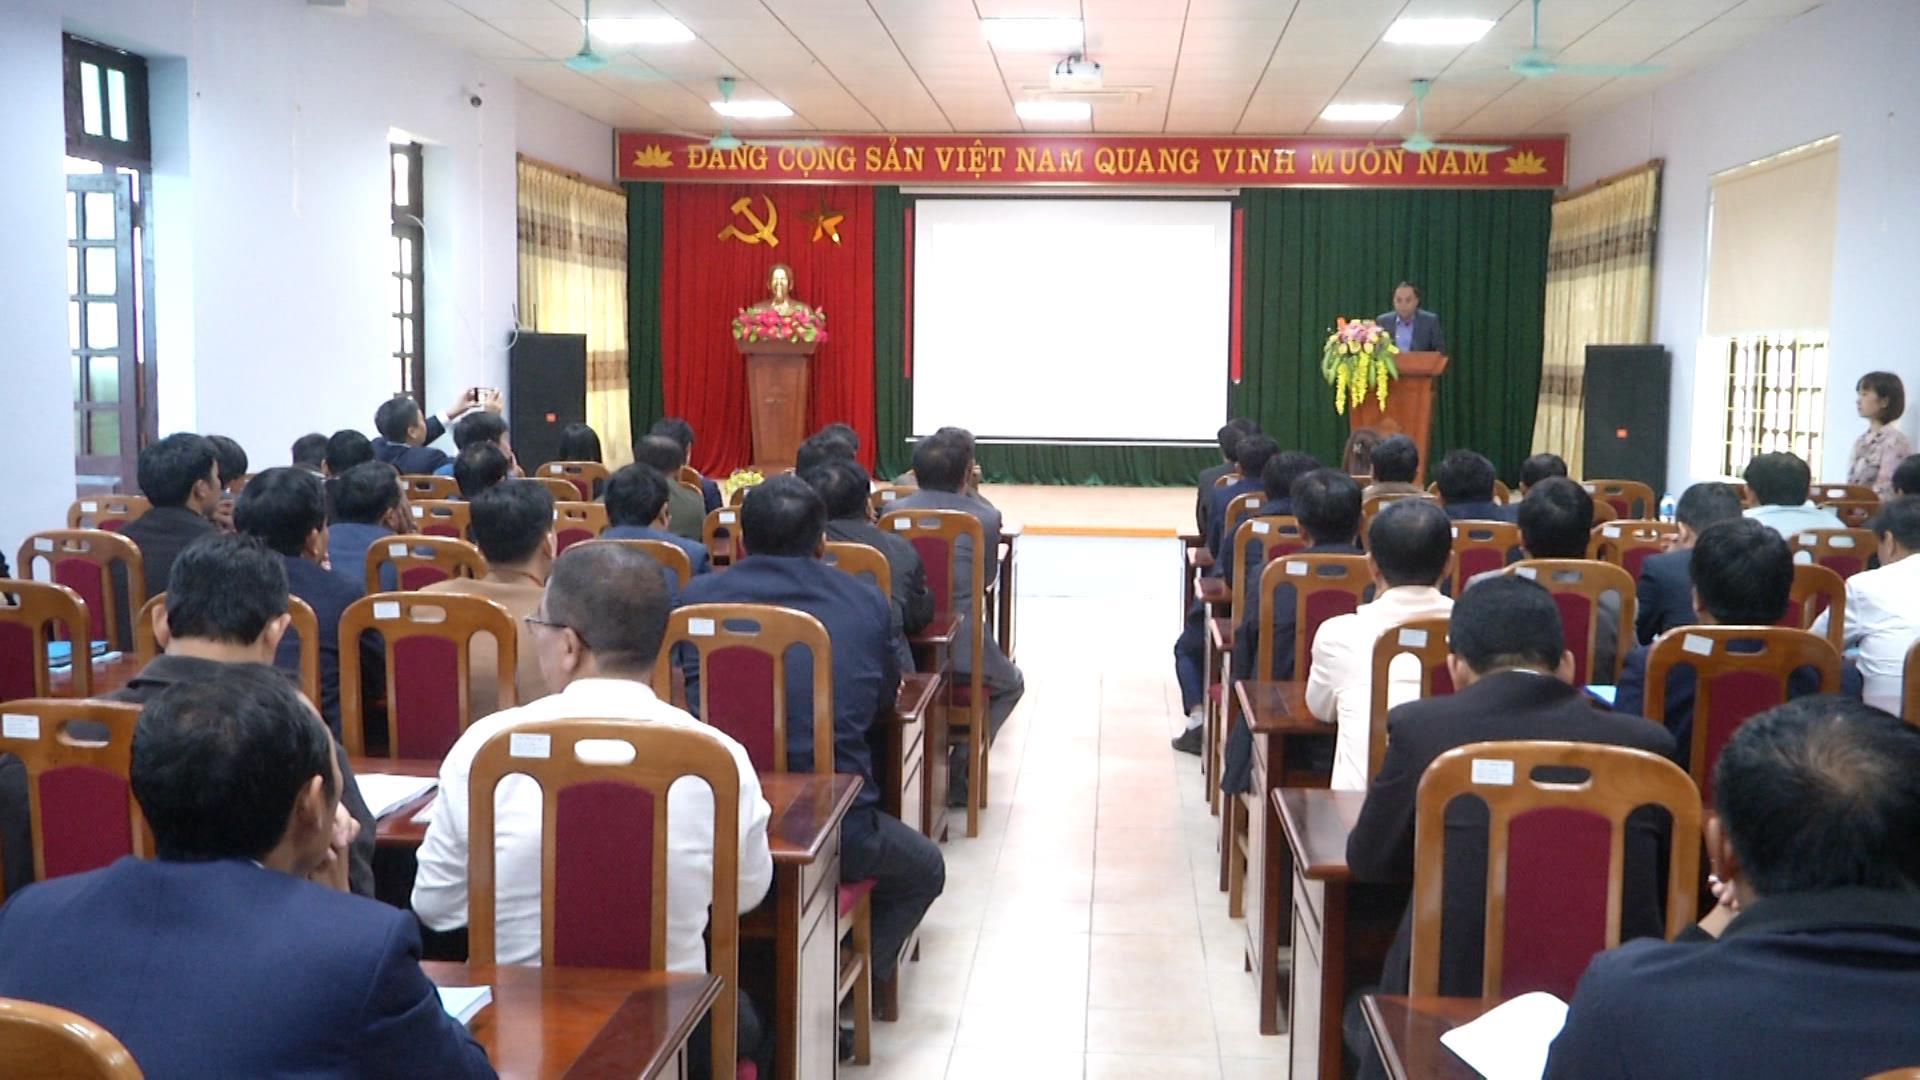 Khai giảng lớp bồi dưỡng kiến thức quản lý cho Chủ tịch UBND xã